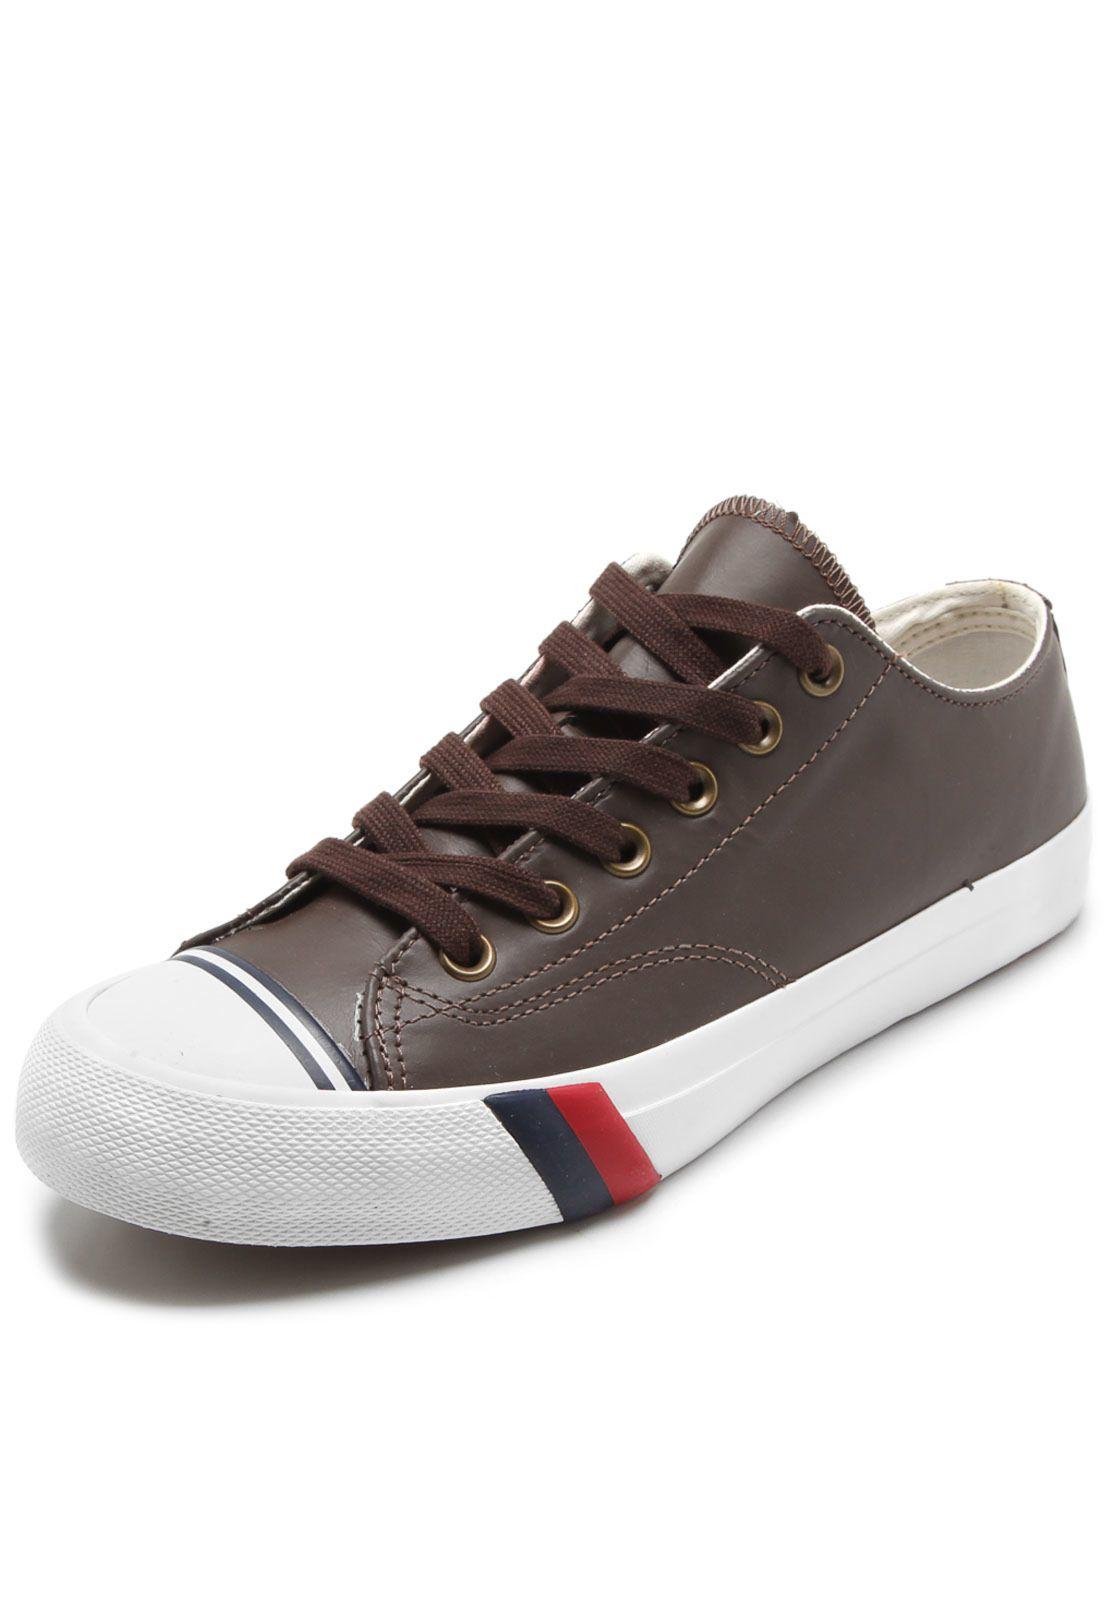 Tênis Pro Keds Royal Marrom   Sneakers